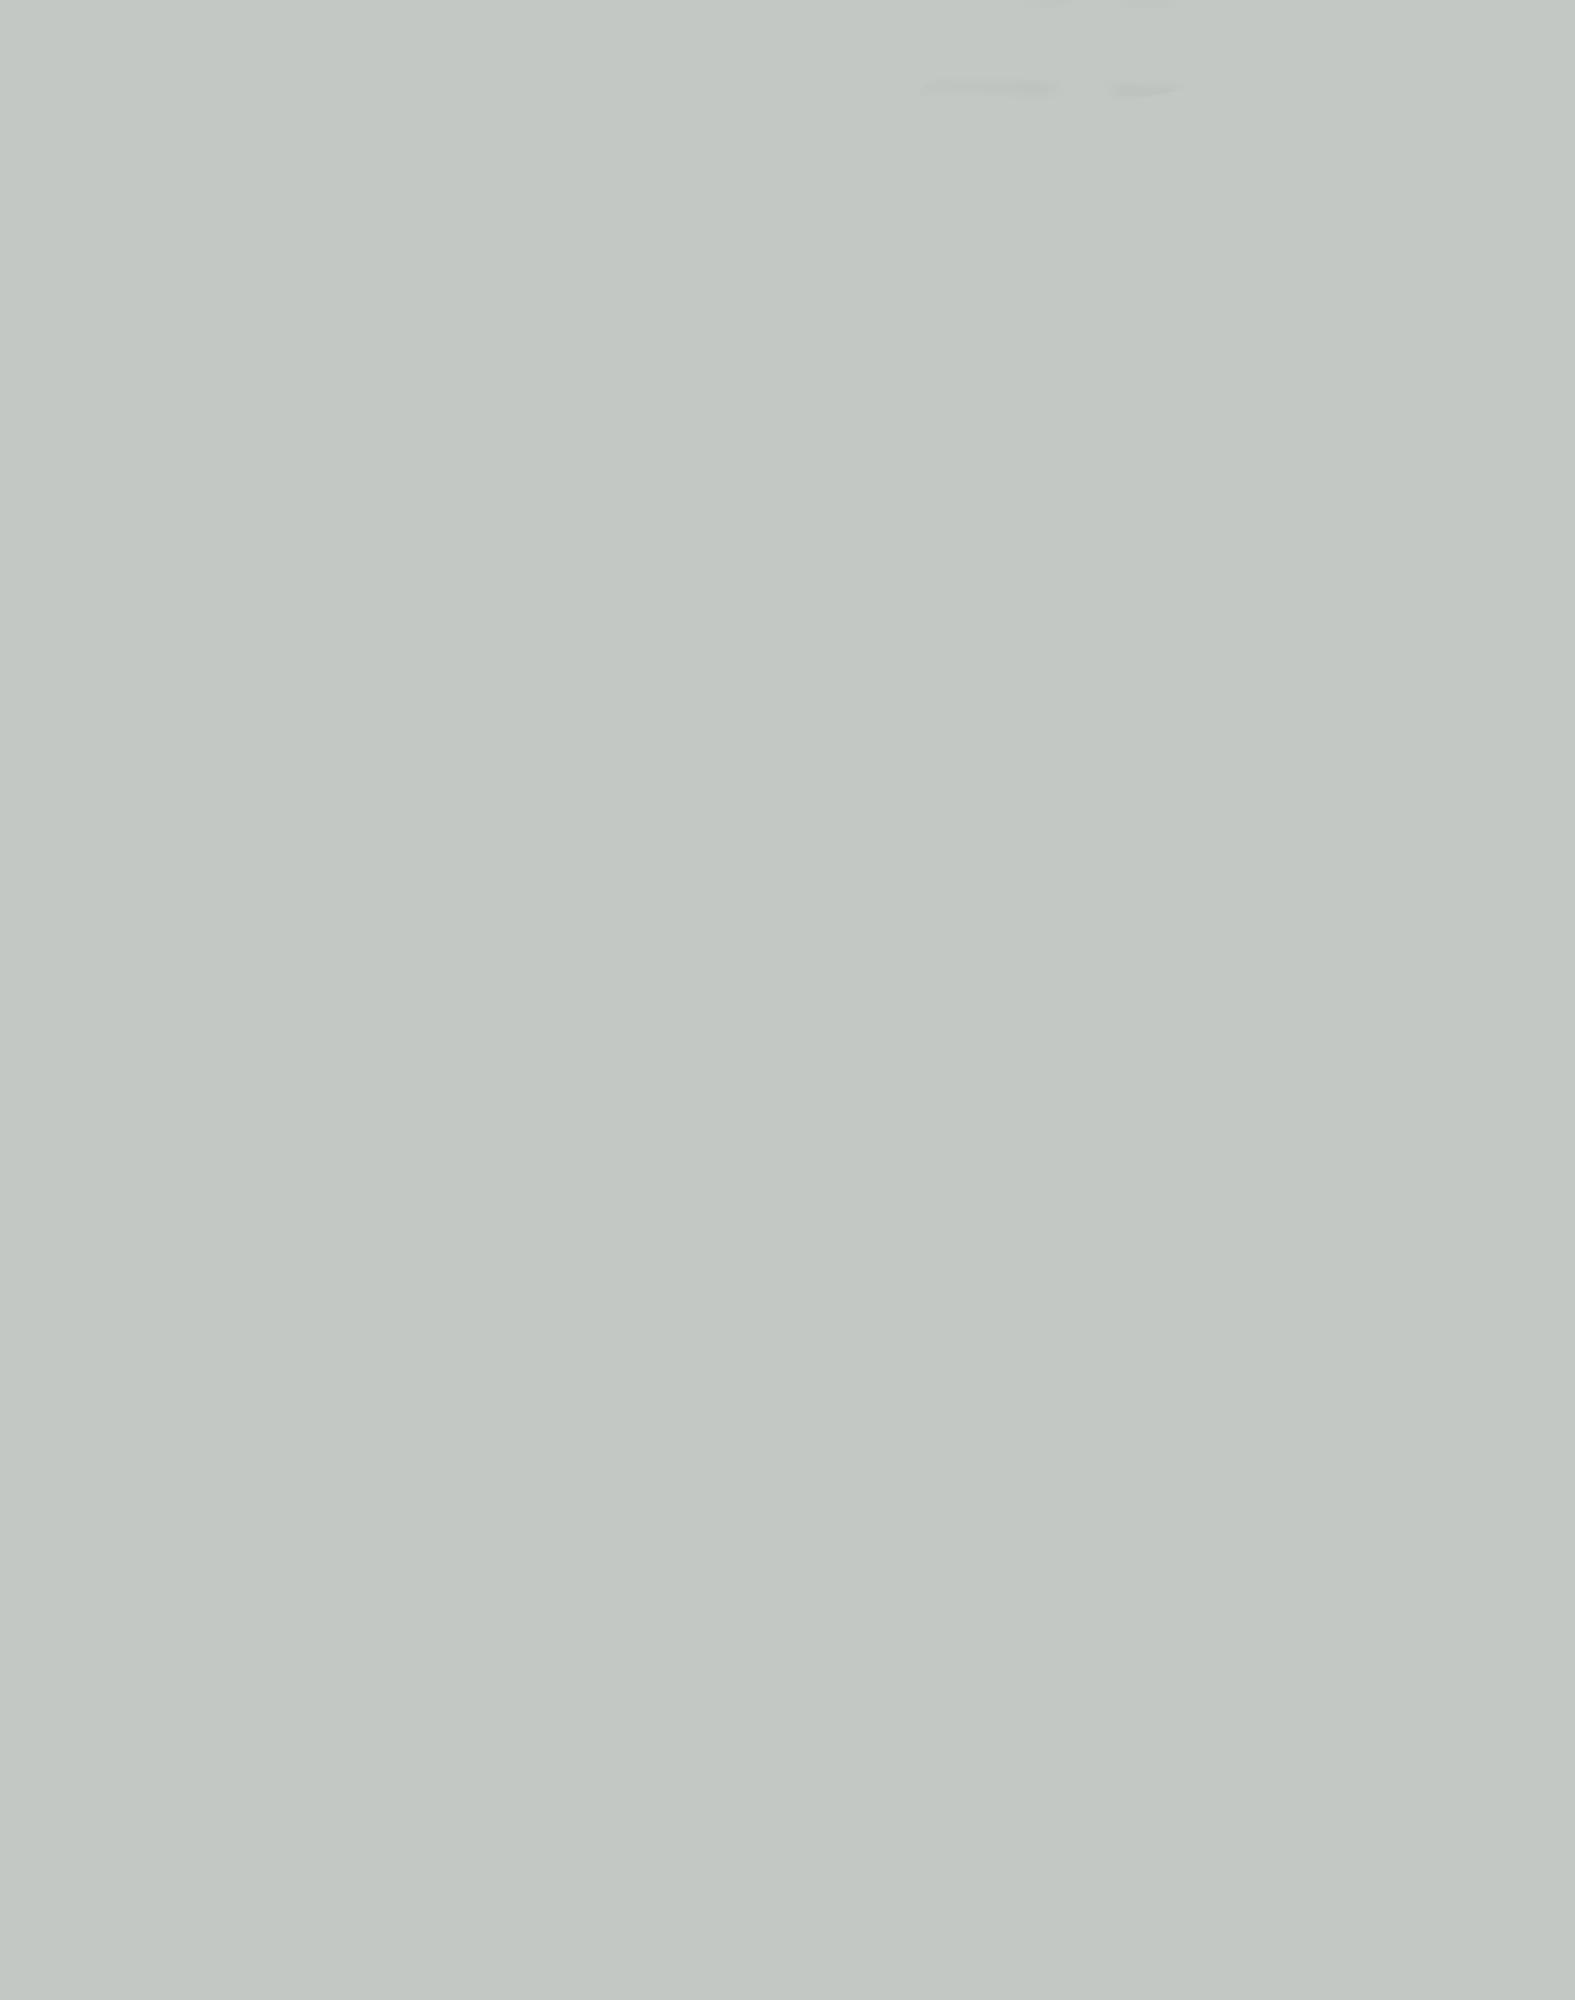 Dove Grey 196,200,197